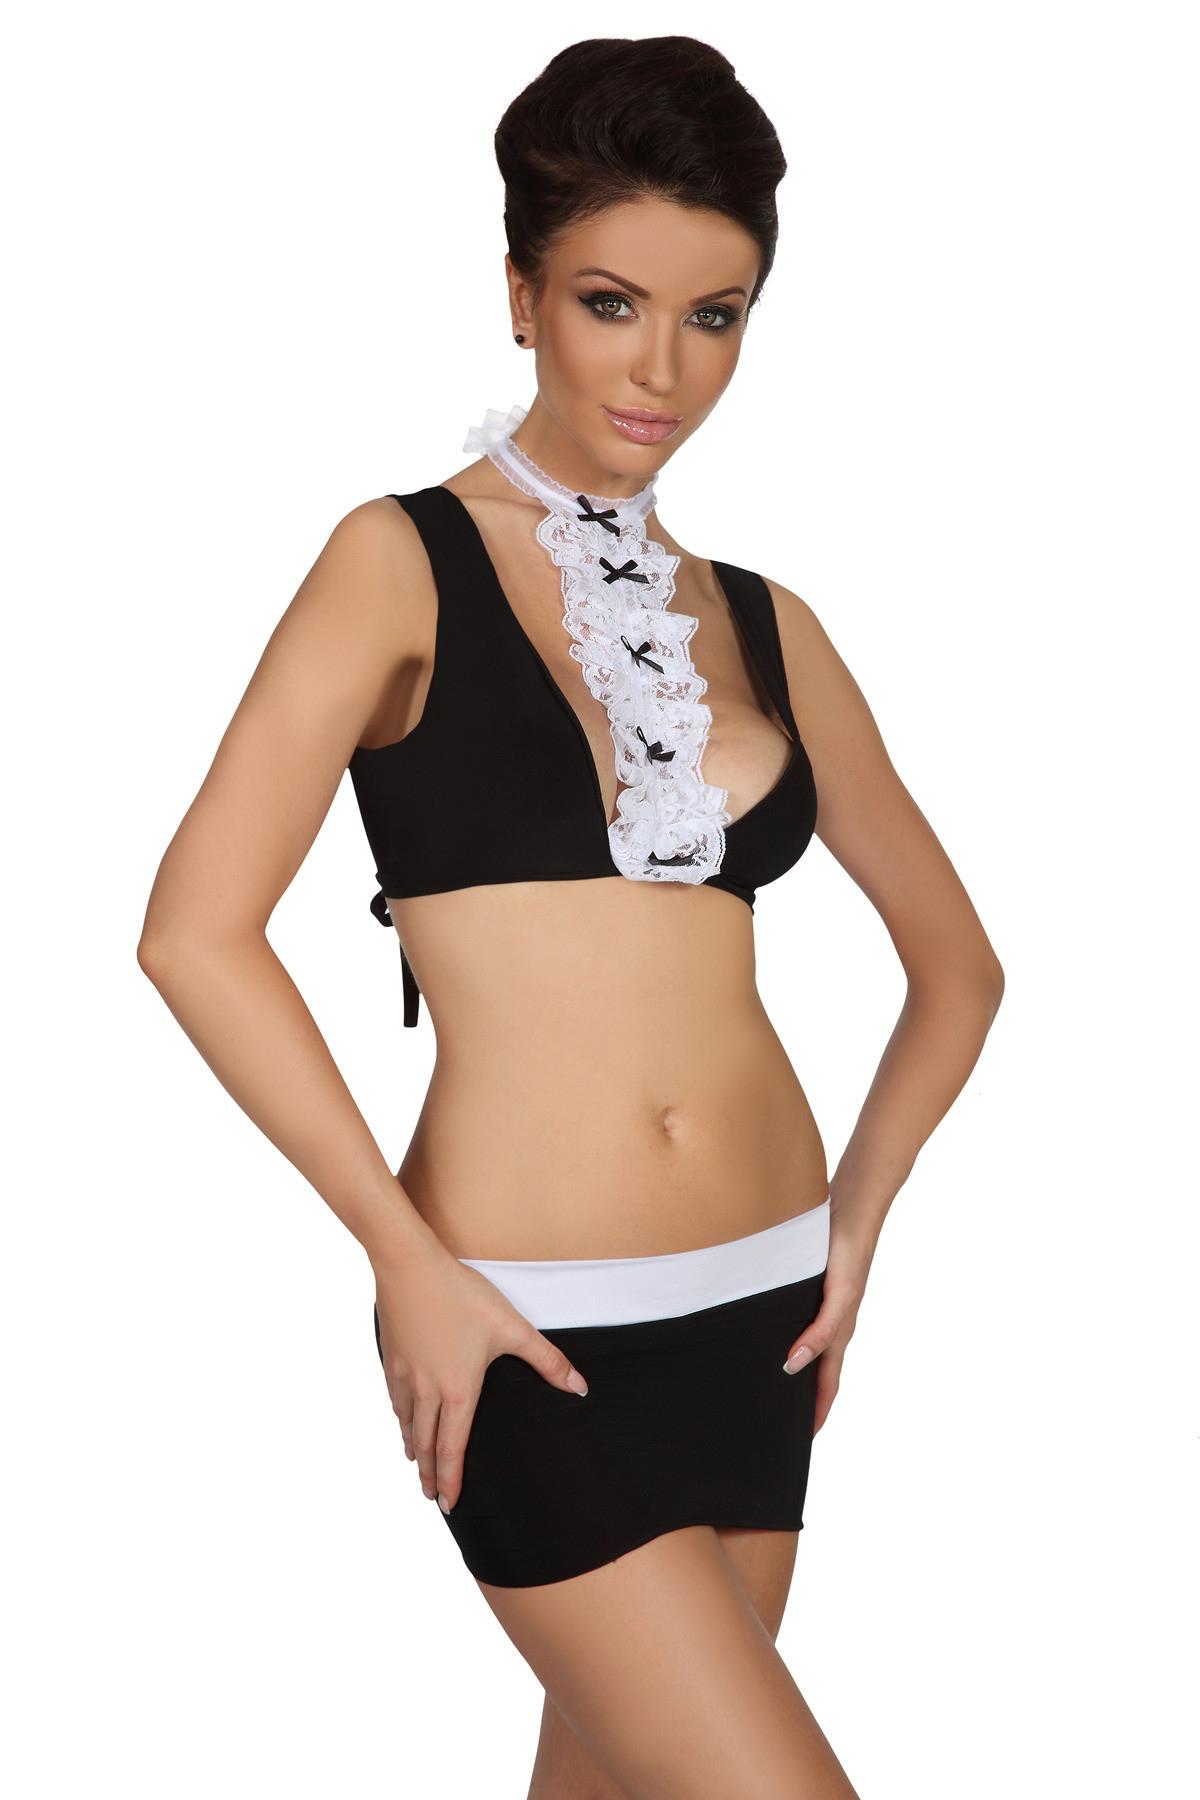 Beauty Night Fashion Sexy soupravy model 36967 Sussie - Beauty Night Barva: černo-bílá, Velikost: L/XL